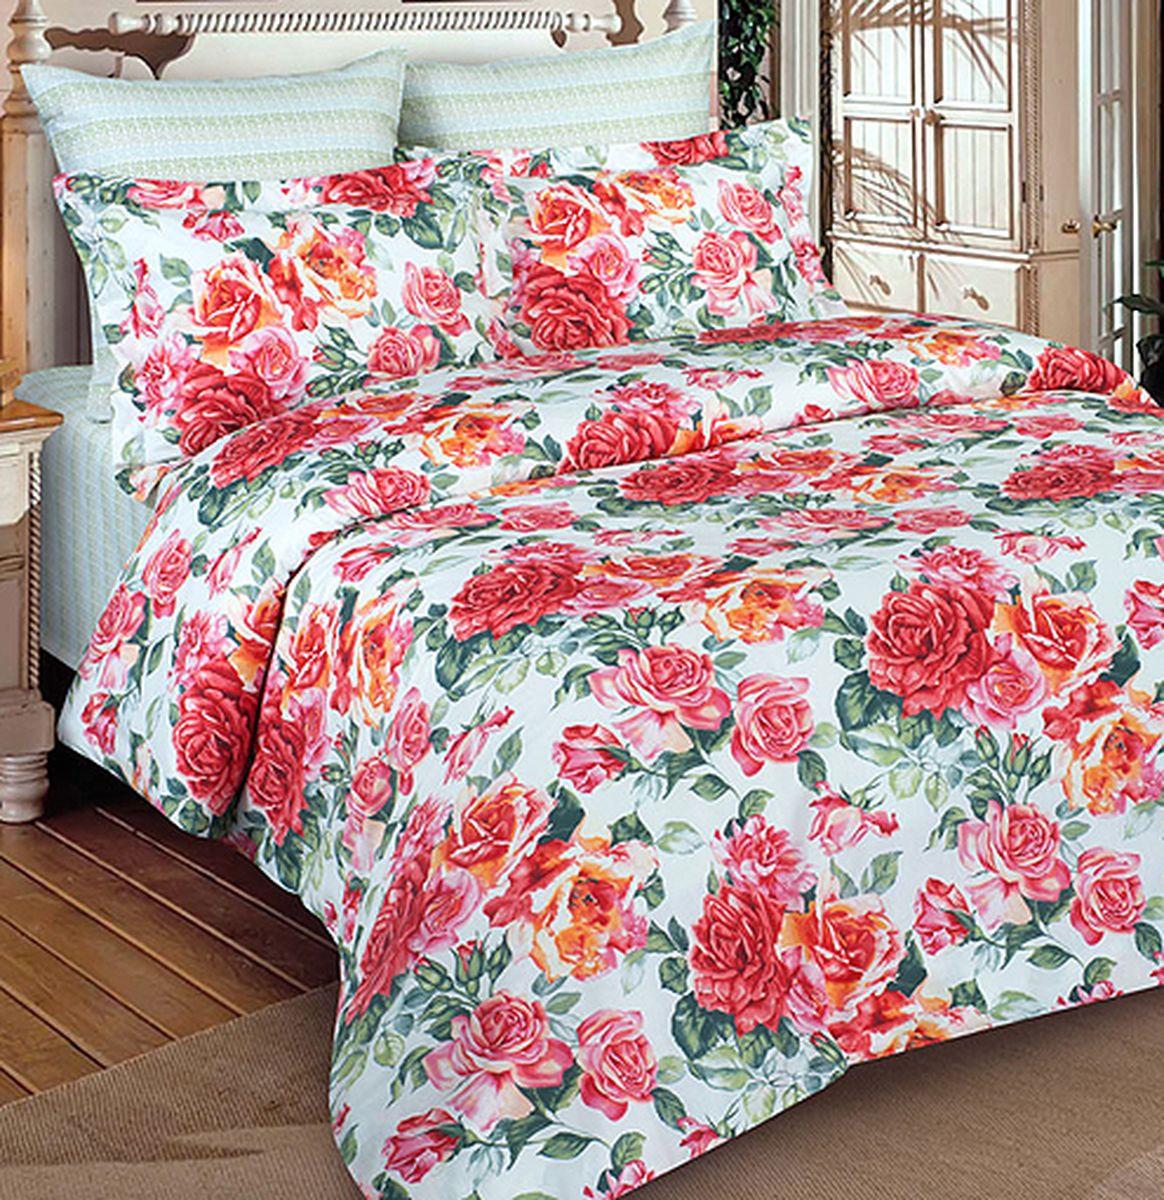 Комплект белья Buenas Noches Rosabella, 2-спальный, 3406, зеленый, розовый, наволочки 70 х 70, 50 х 70 см